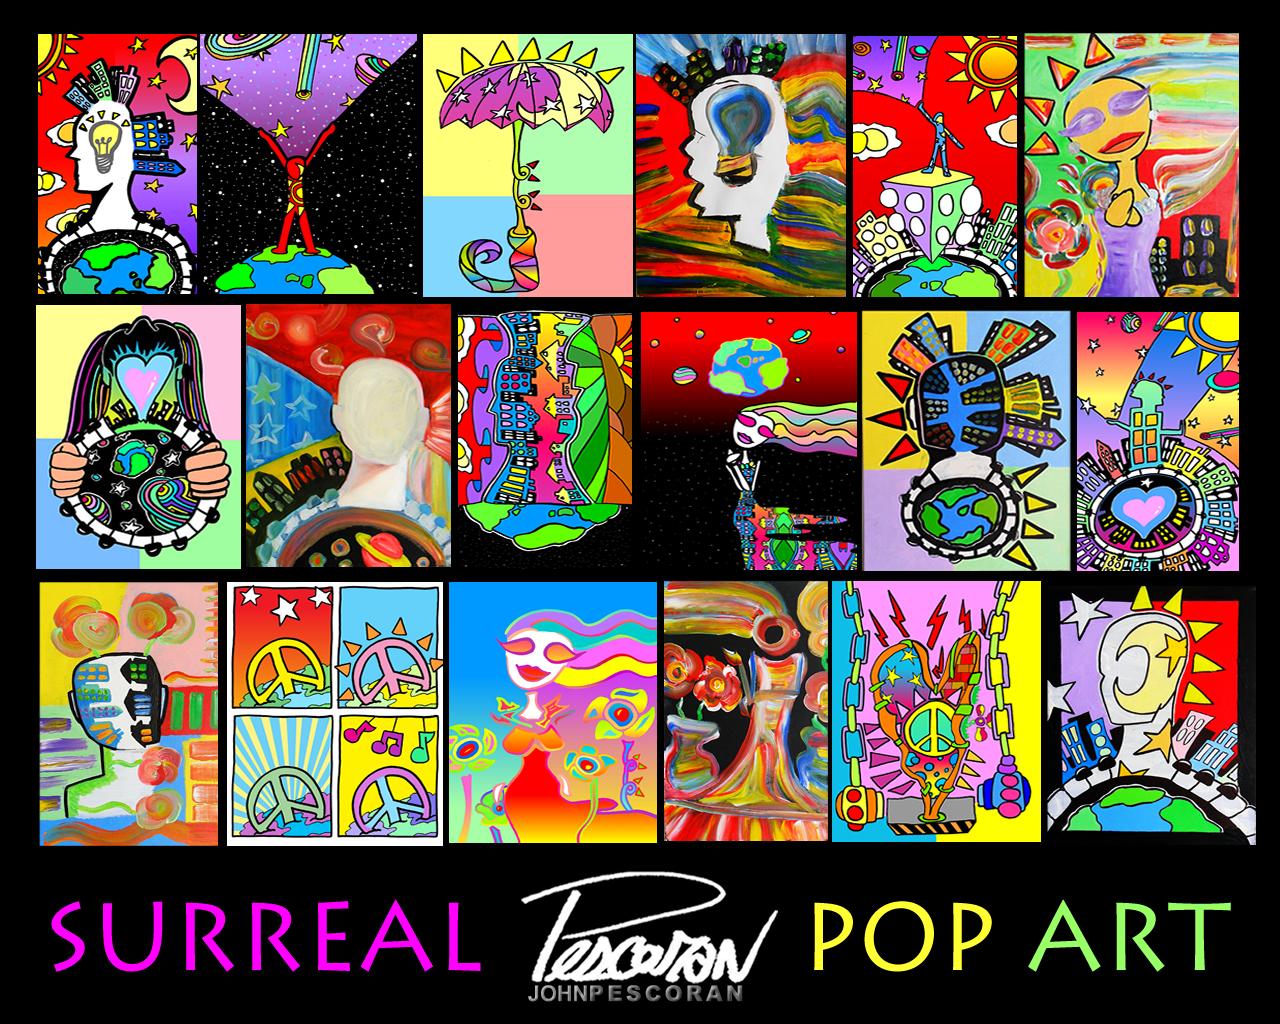 john pescoran pop art wallpaper pop art wallpaper. Black Bedroom Furniture Sets. Home Design Ideas